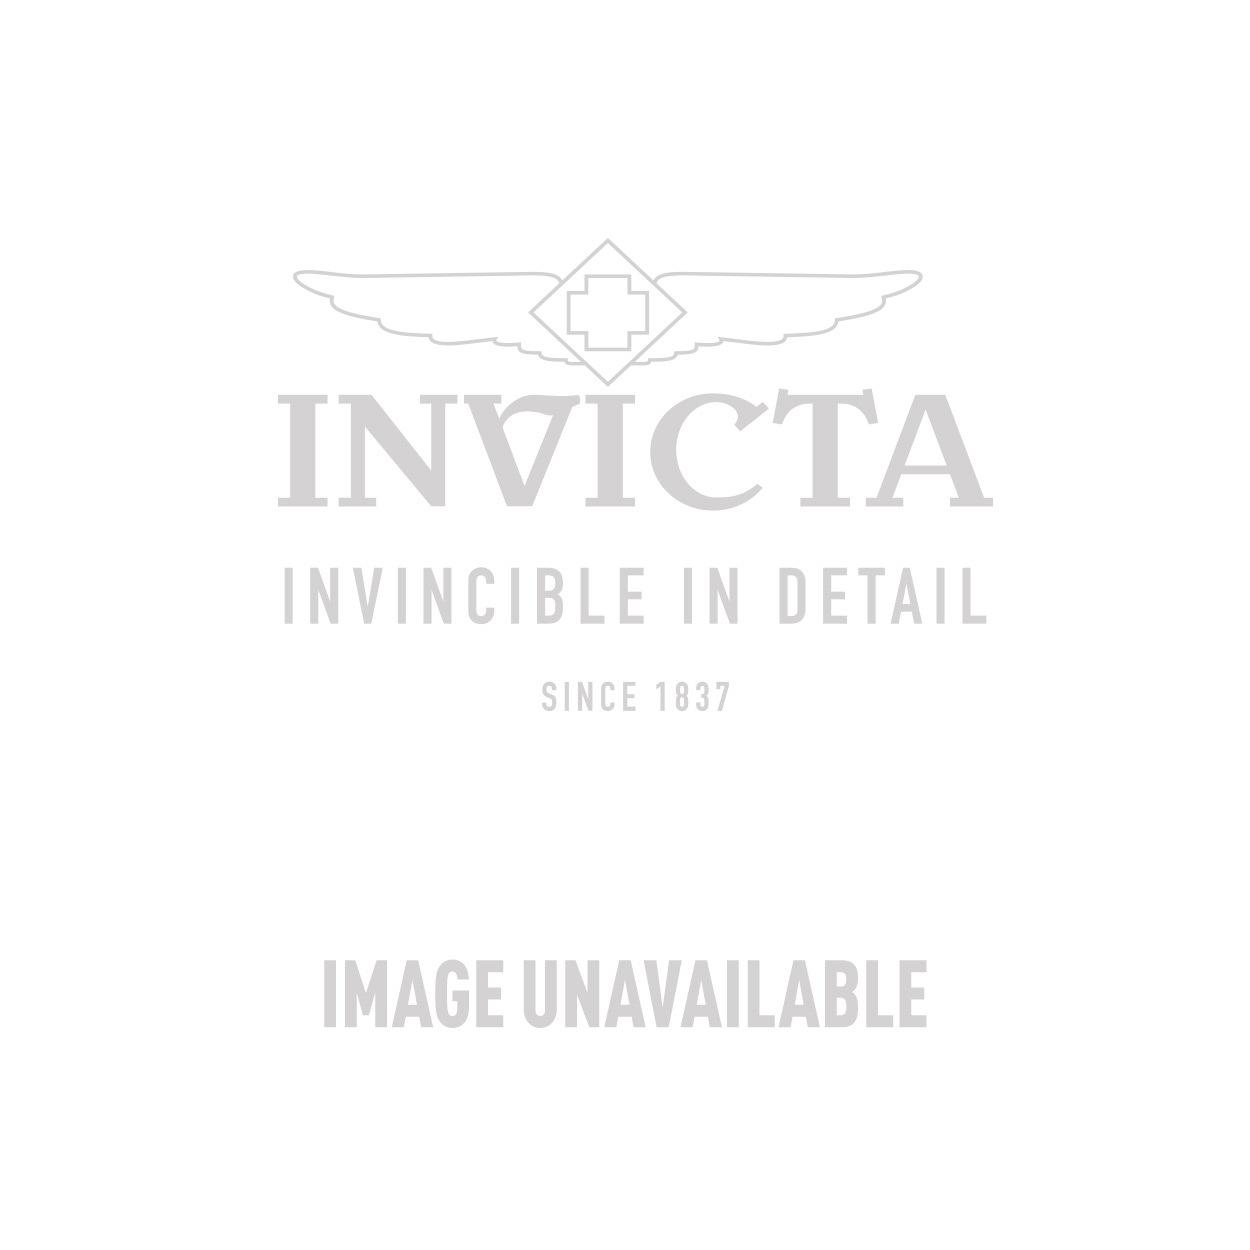 Invicta Model 24855